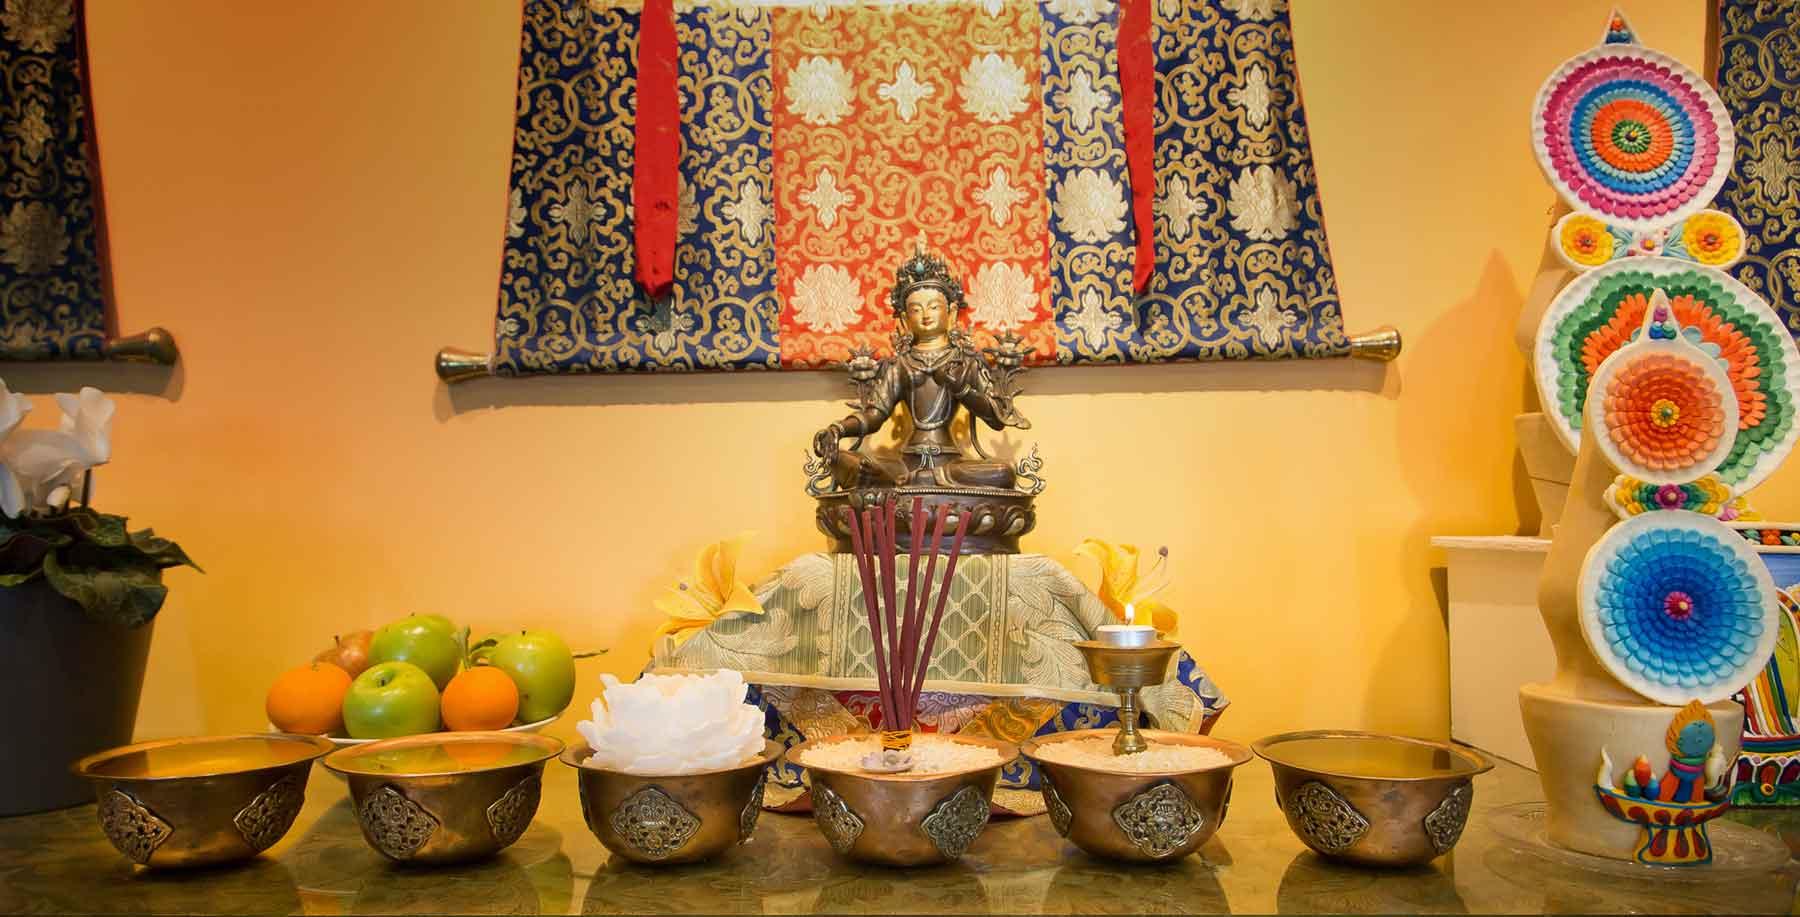 Buda encima de un mueble: ni idolatría ni iconoclastia en el altar